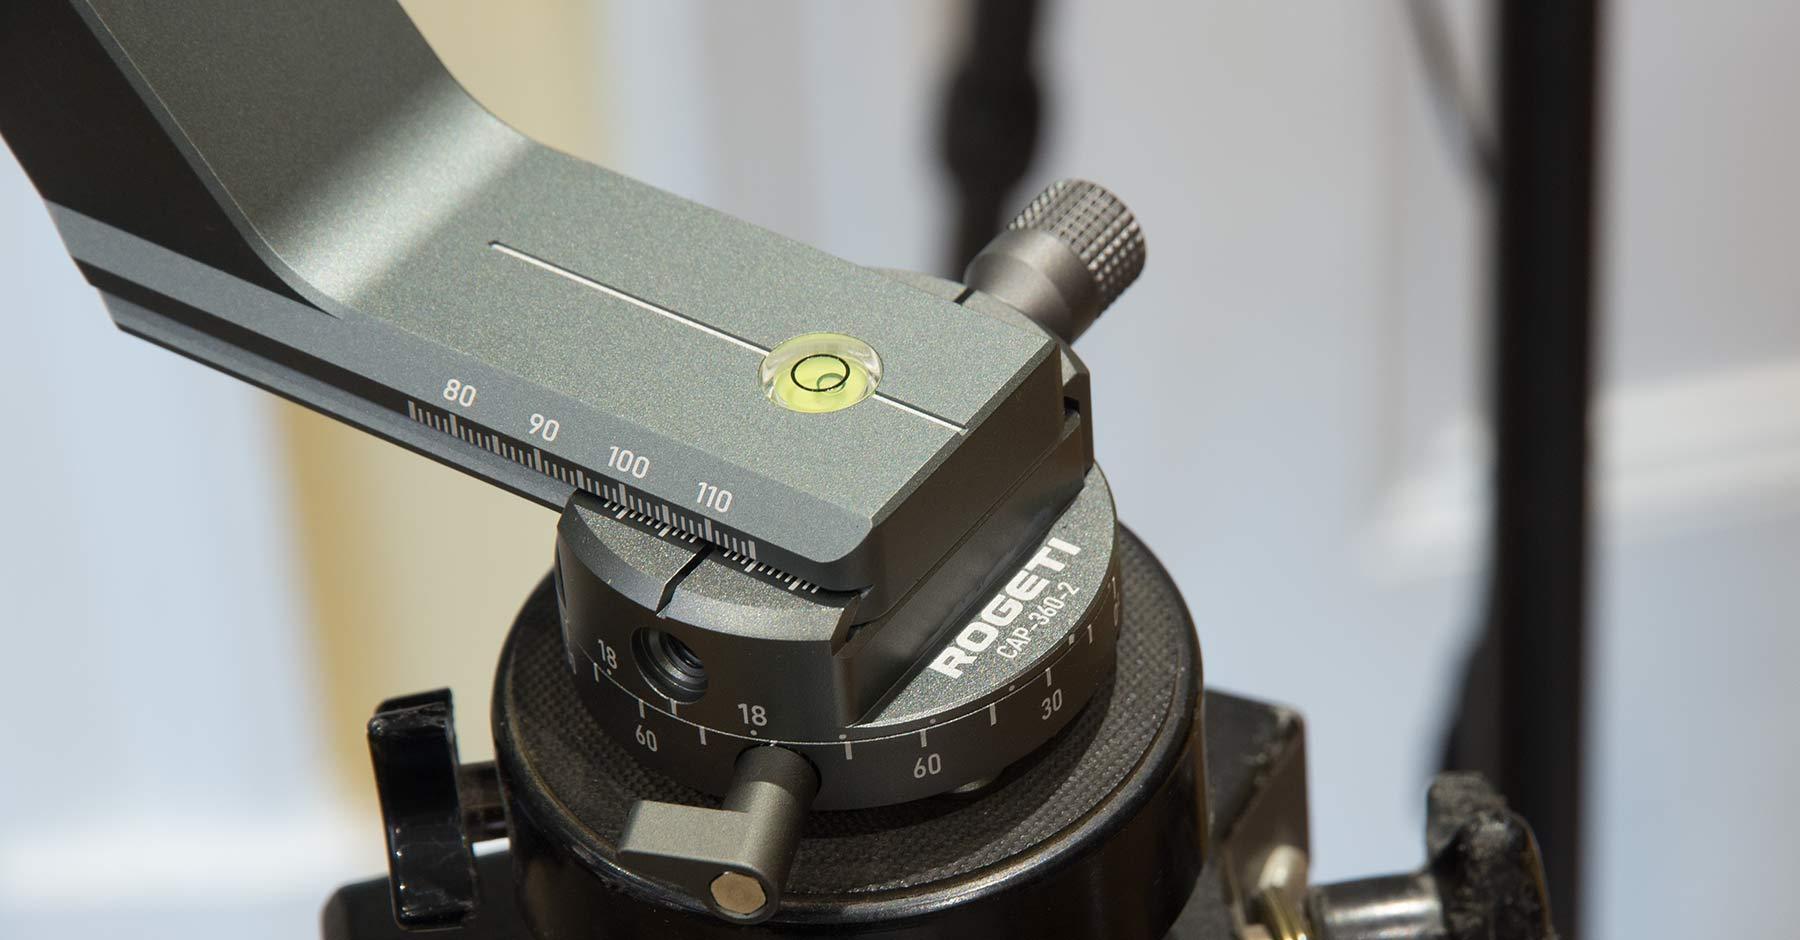 lens-centering